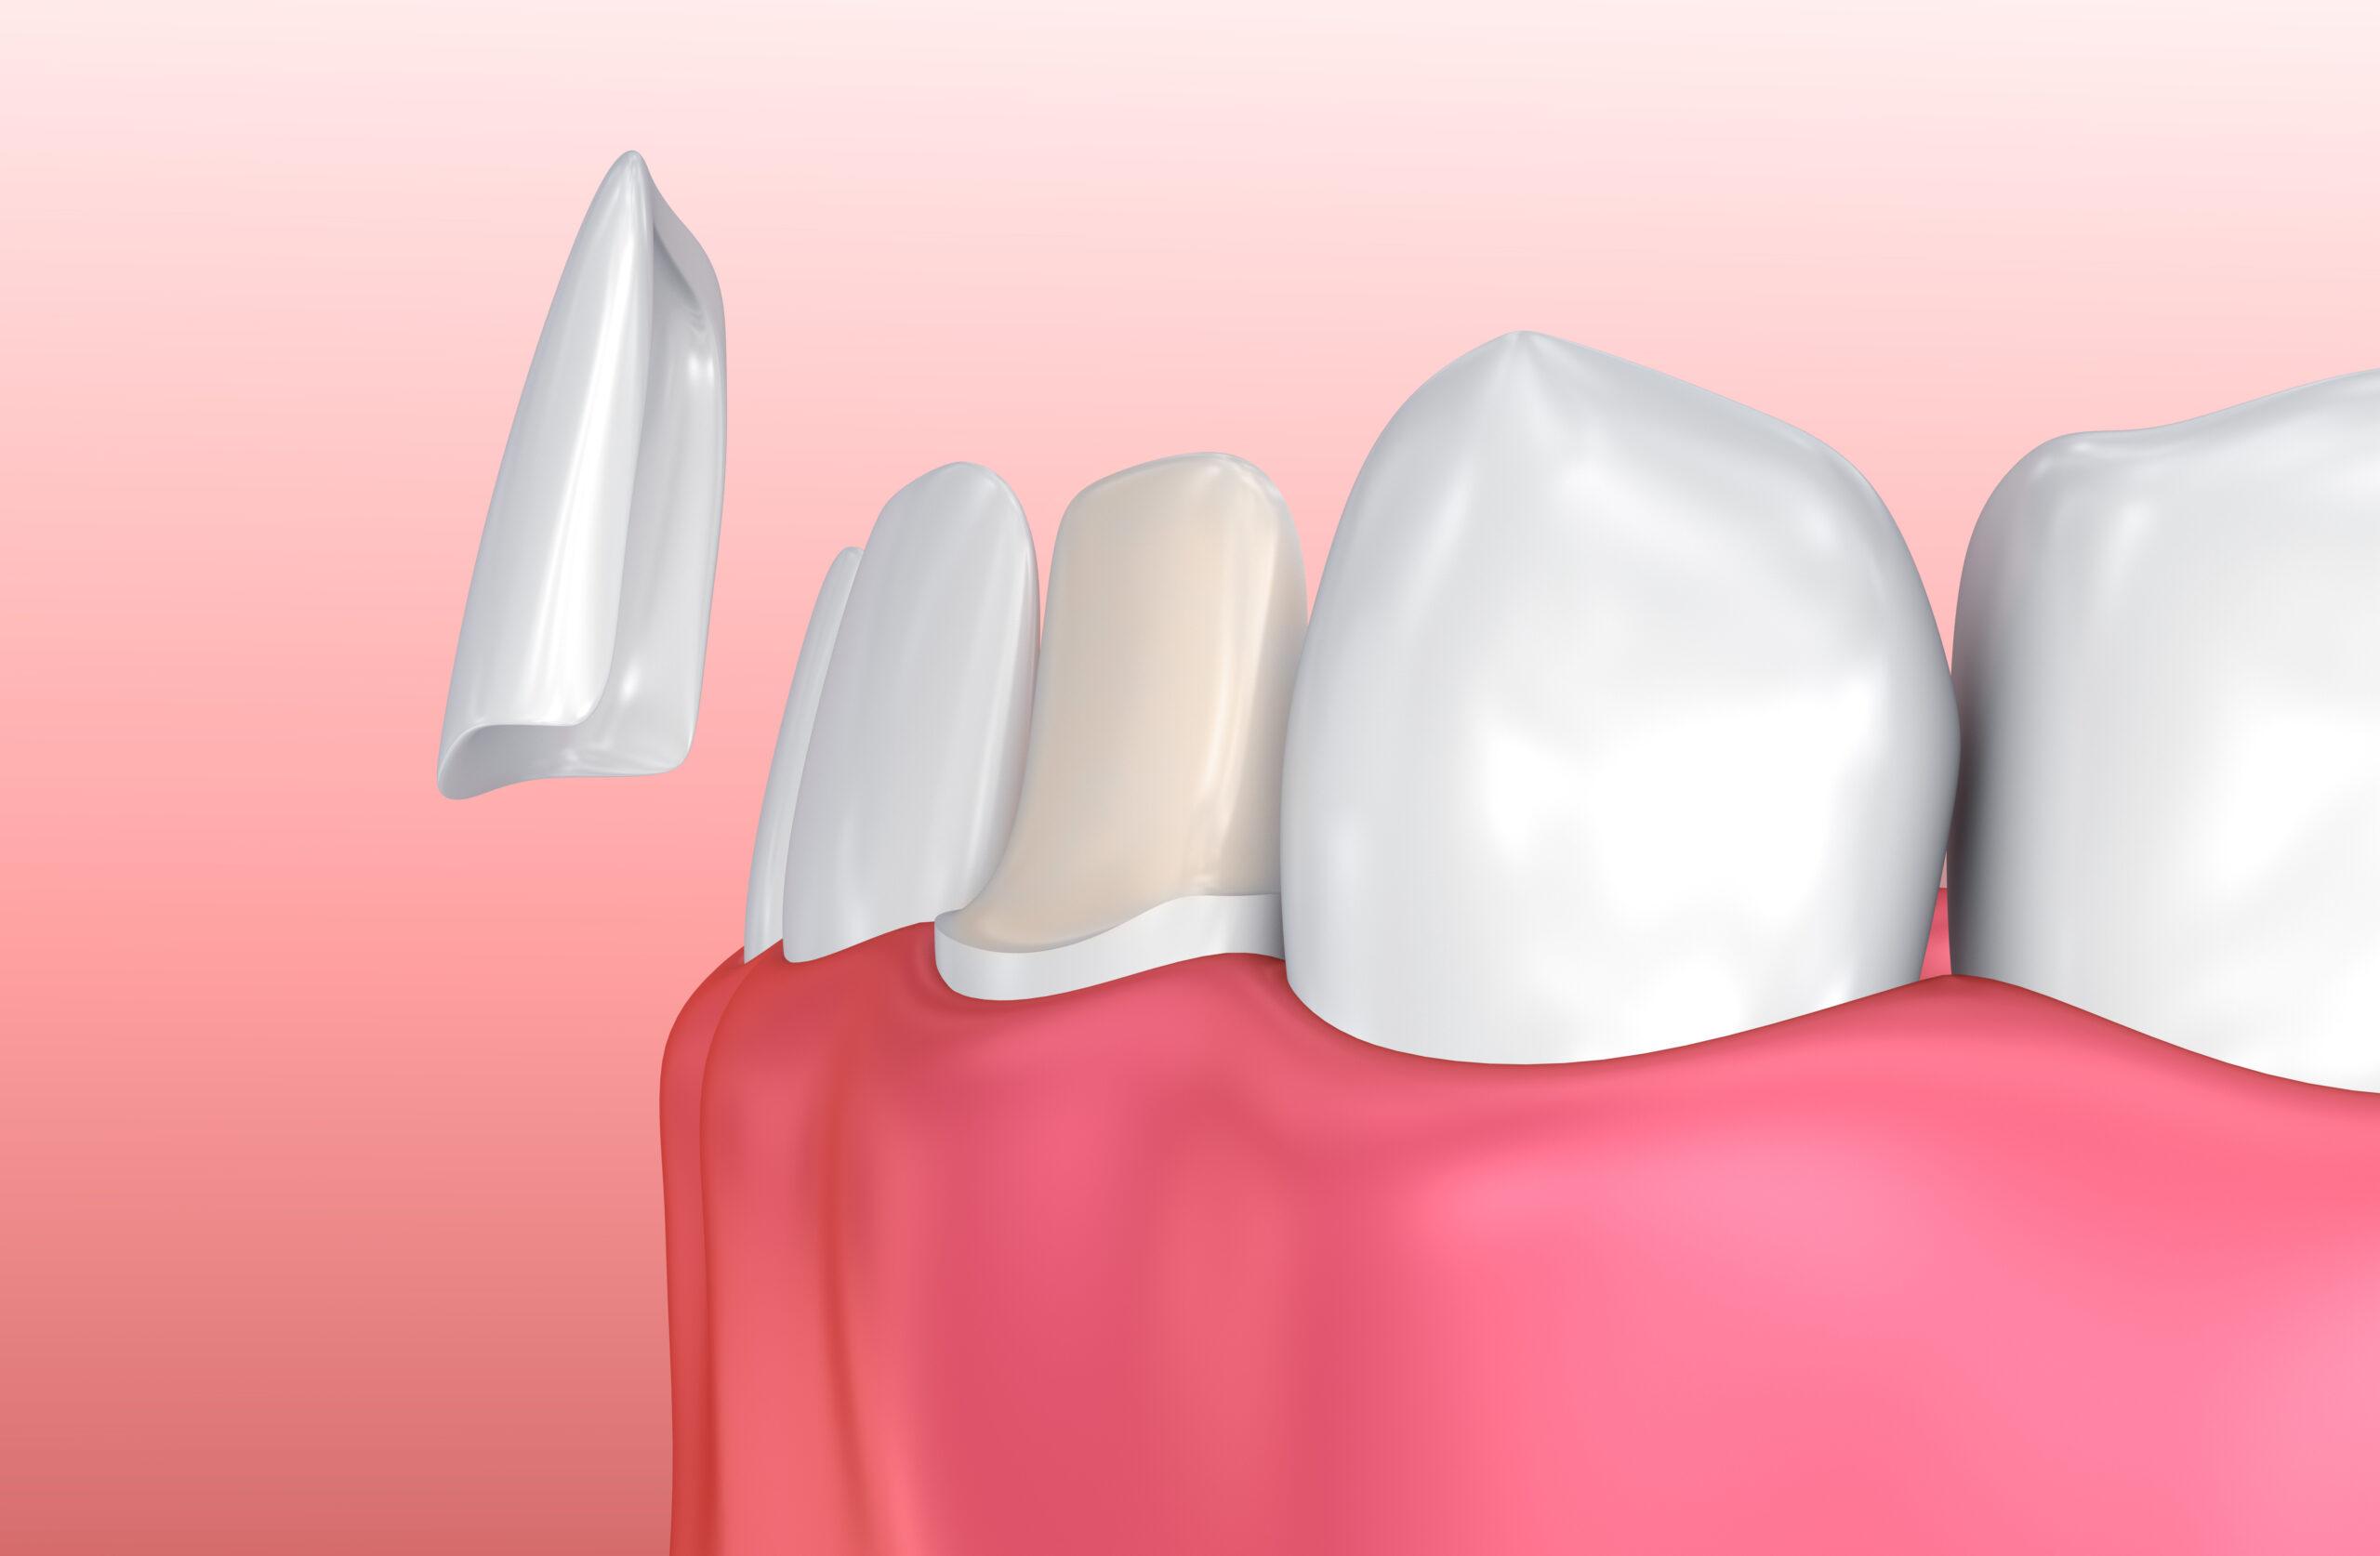 faccette-dentali-estetiche-Daina